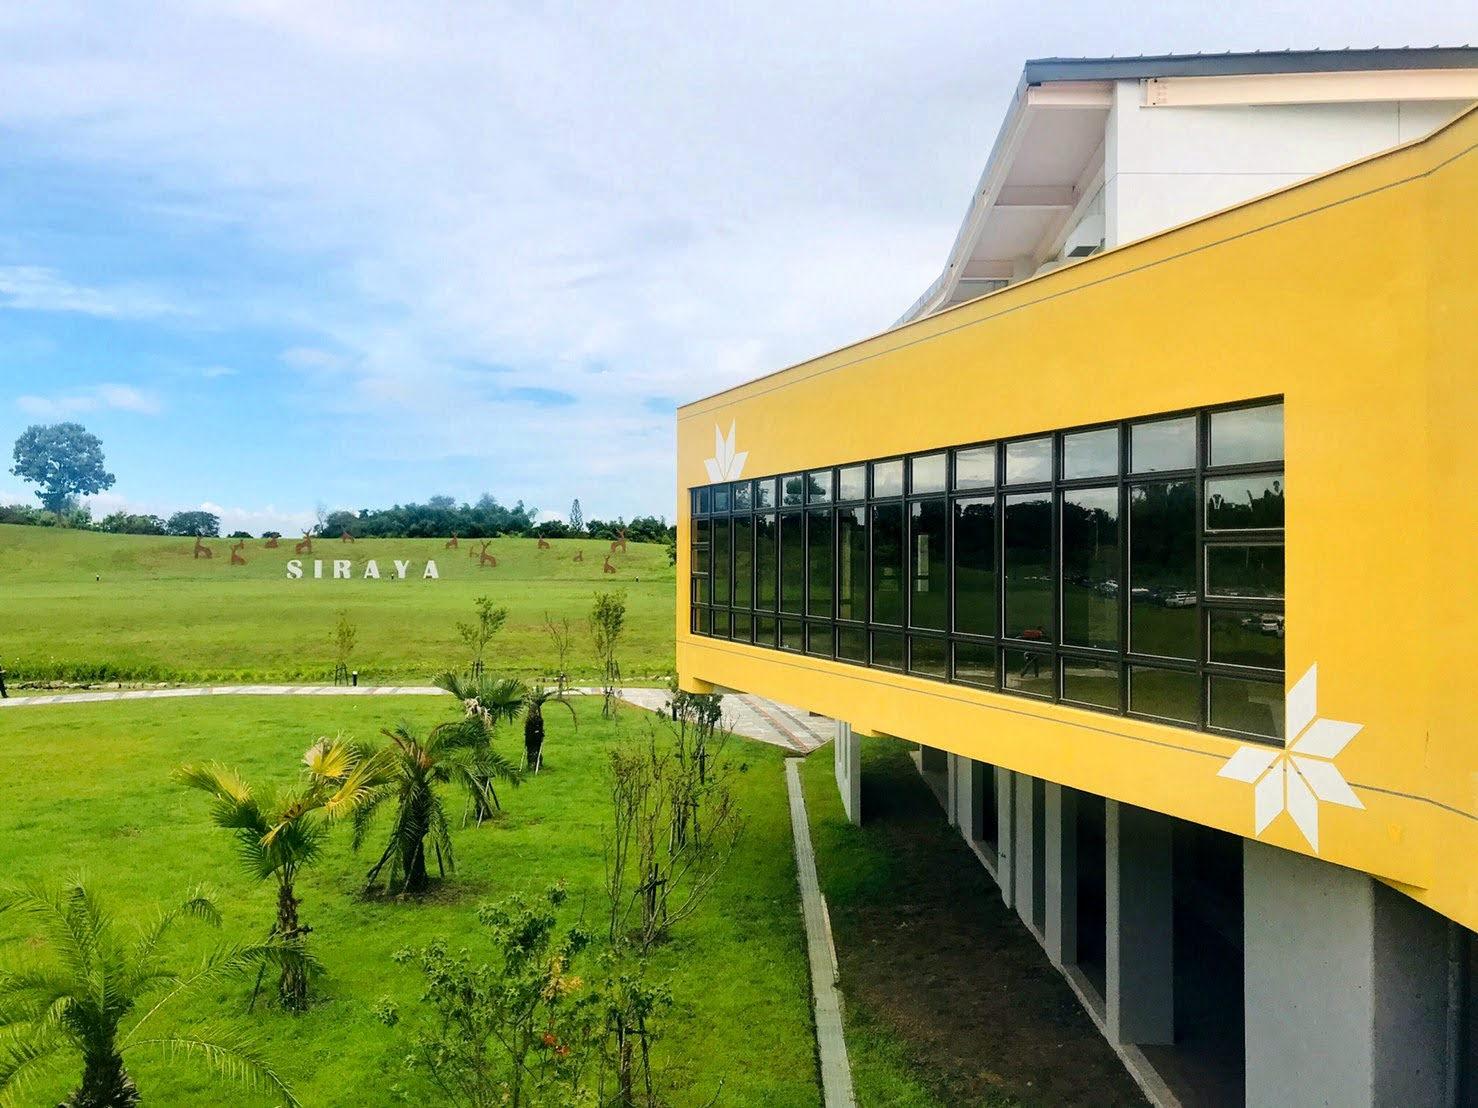 西拉雅官田遊客中心啟用|融入西拉雅文化|千萬打造大草原